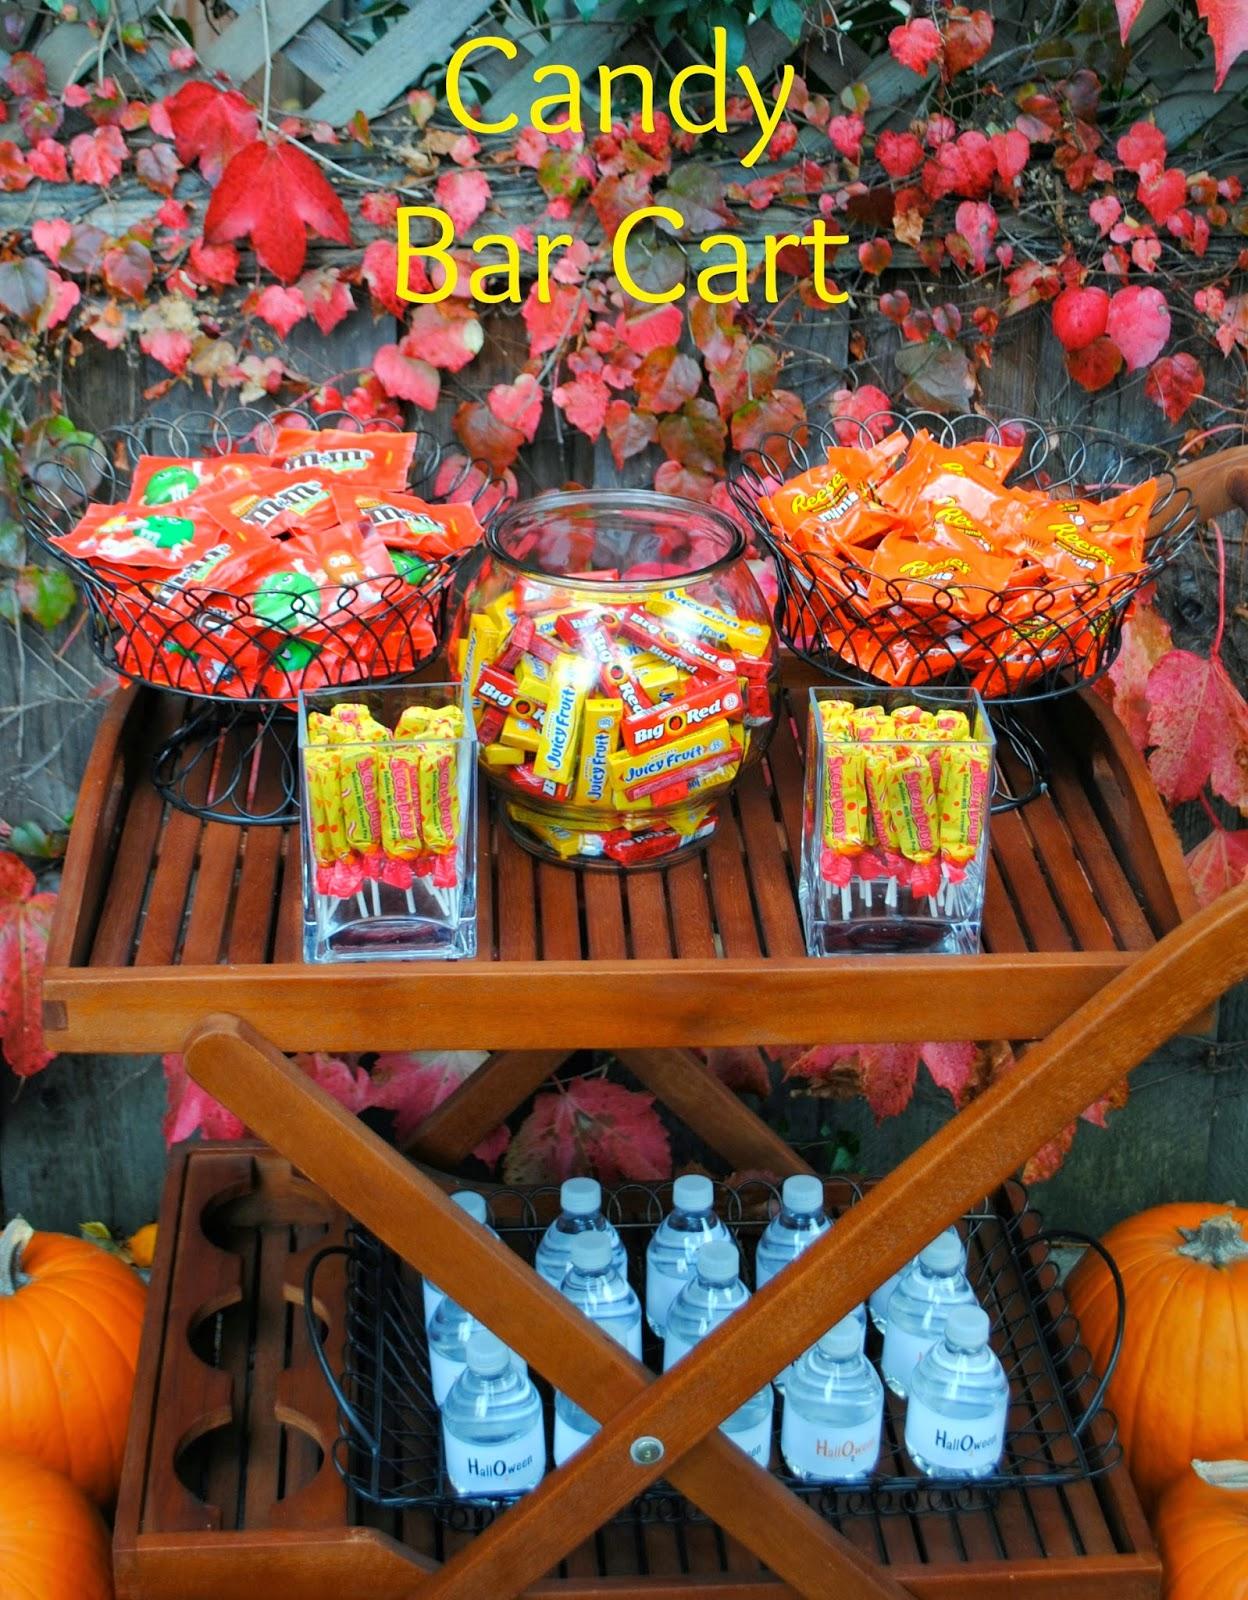 Halloween candy buffet idea - The Halloween Candy Bar Cart